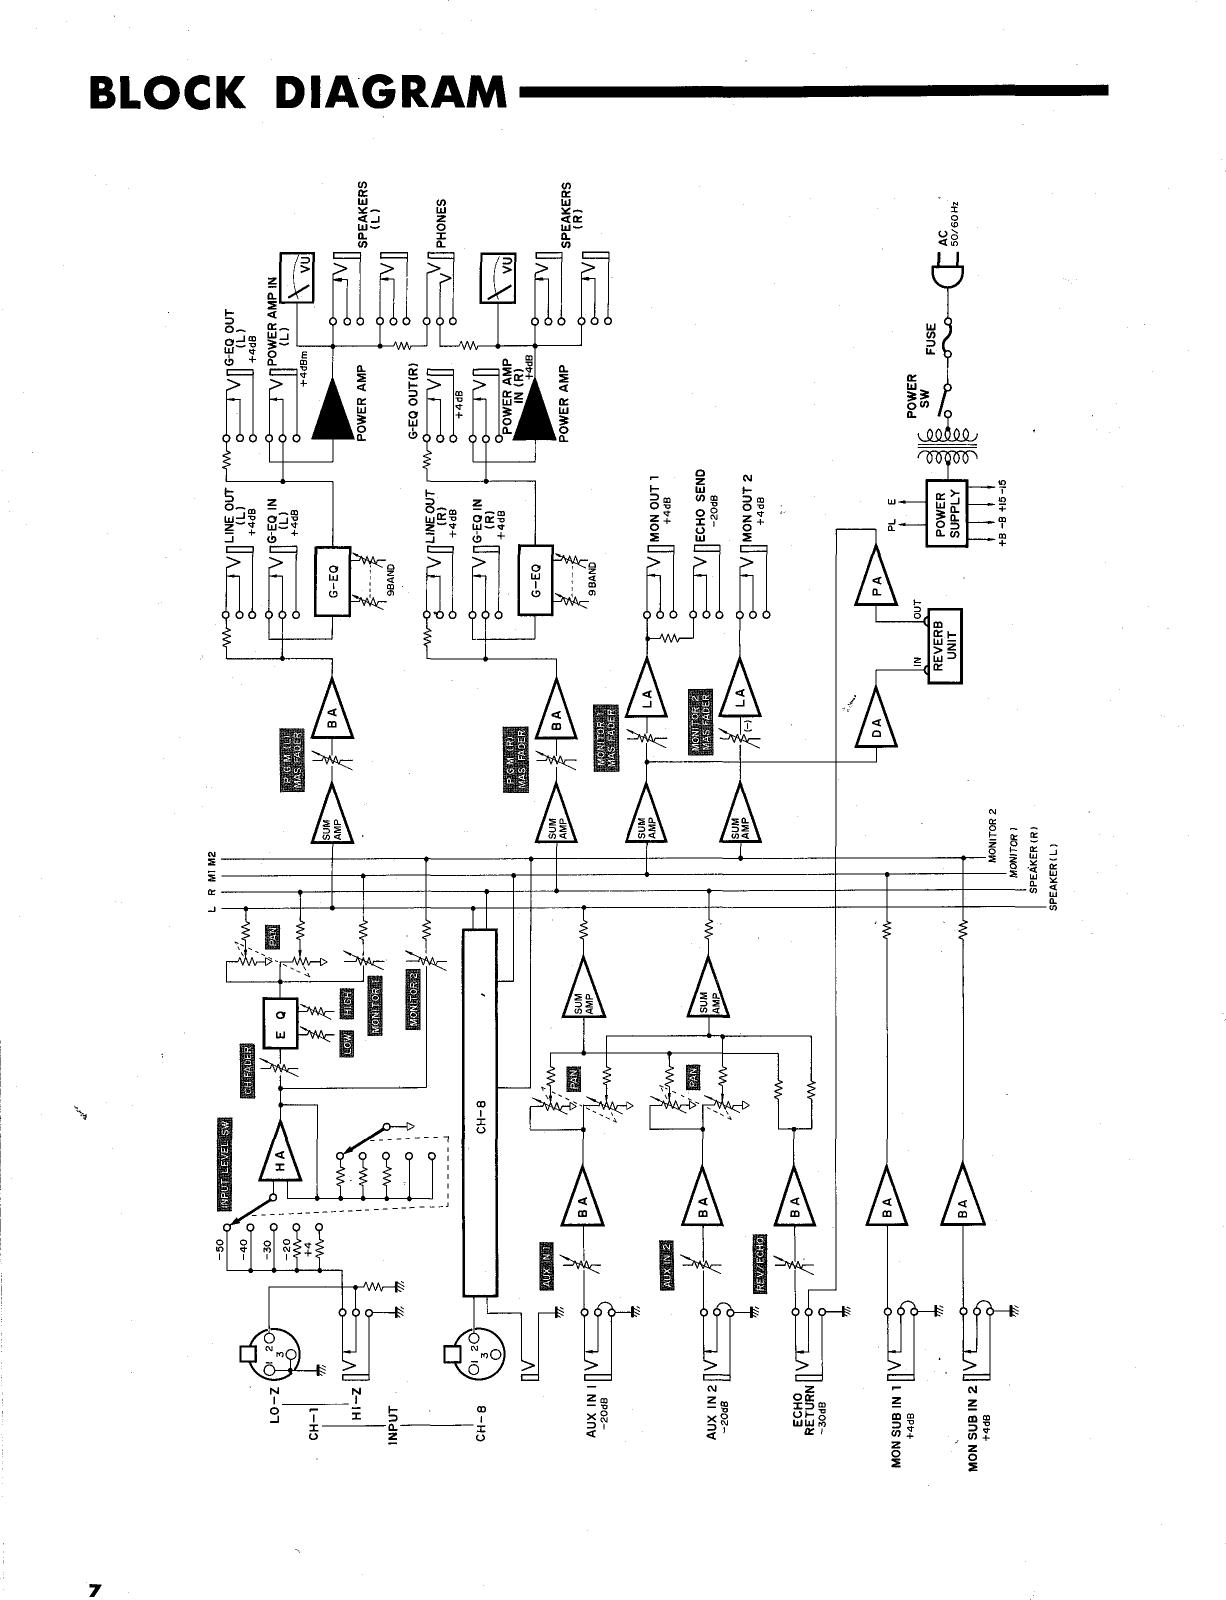 Yamaha EM 200 Owner's Manual (Image) EM200 En Om